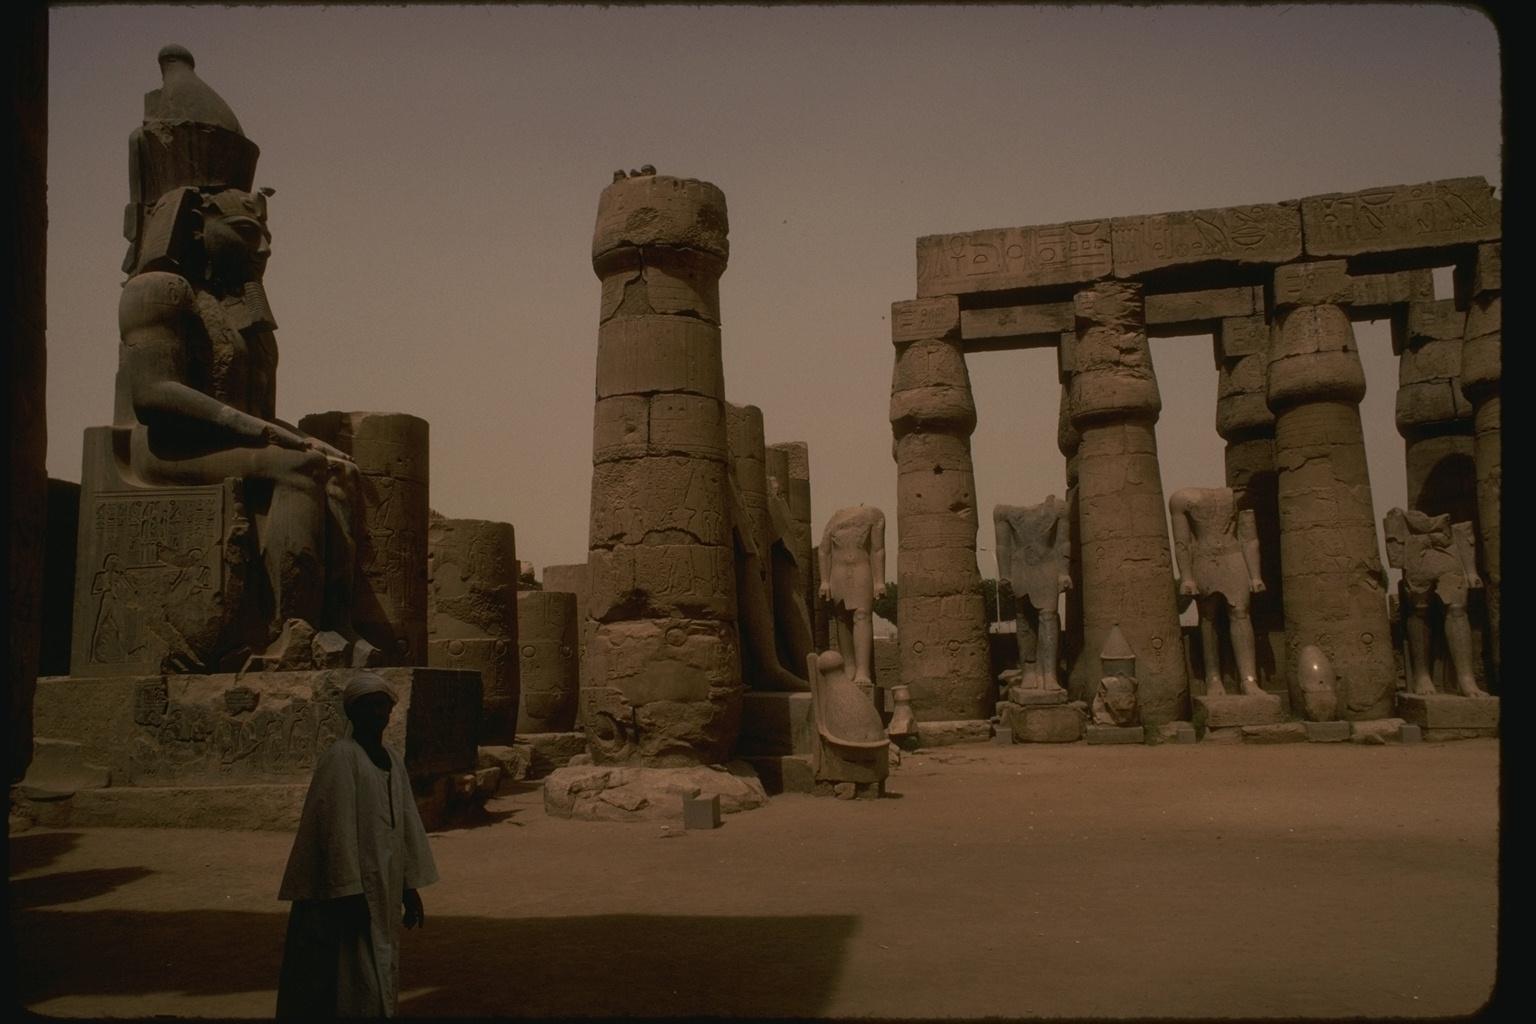 http://4.bp.blogspot.com/-kmvAVYM8_7k/TfiqxyuXpKI/AAAAAAAAAWo/LCEpmCNIdMI/s1600/Egypt+Pyramids+%252822%2529.JPG